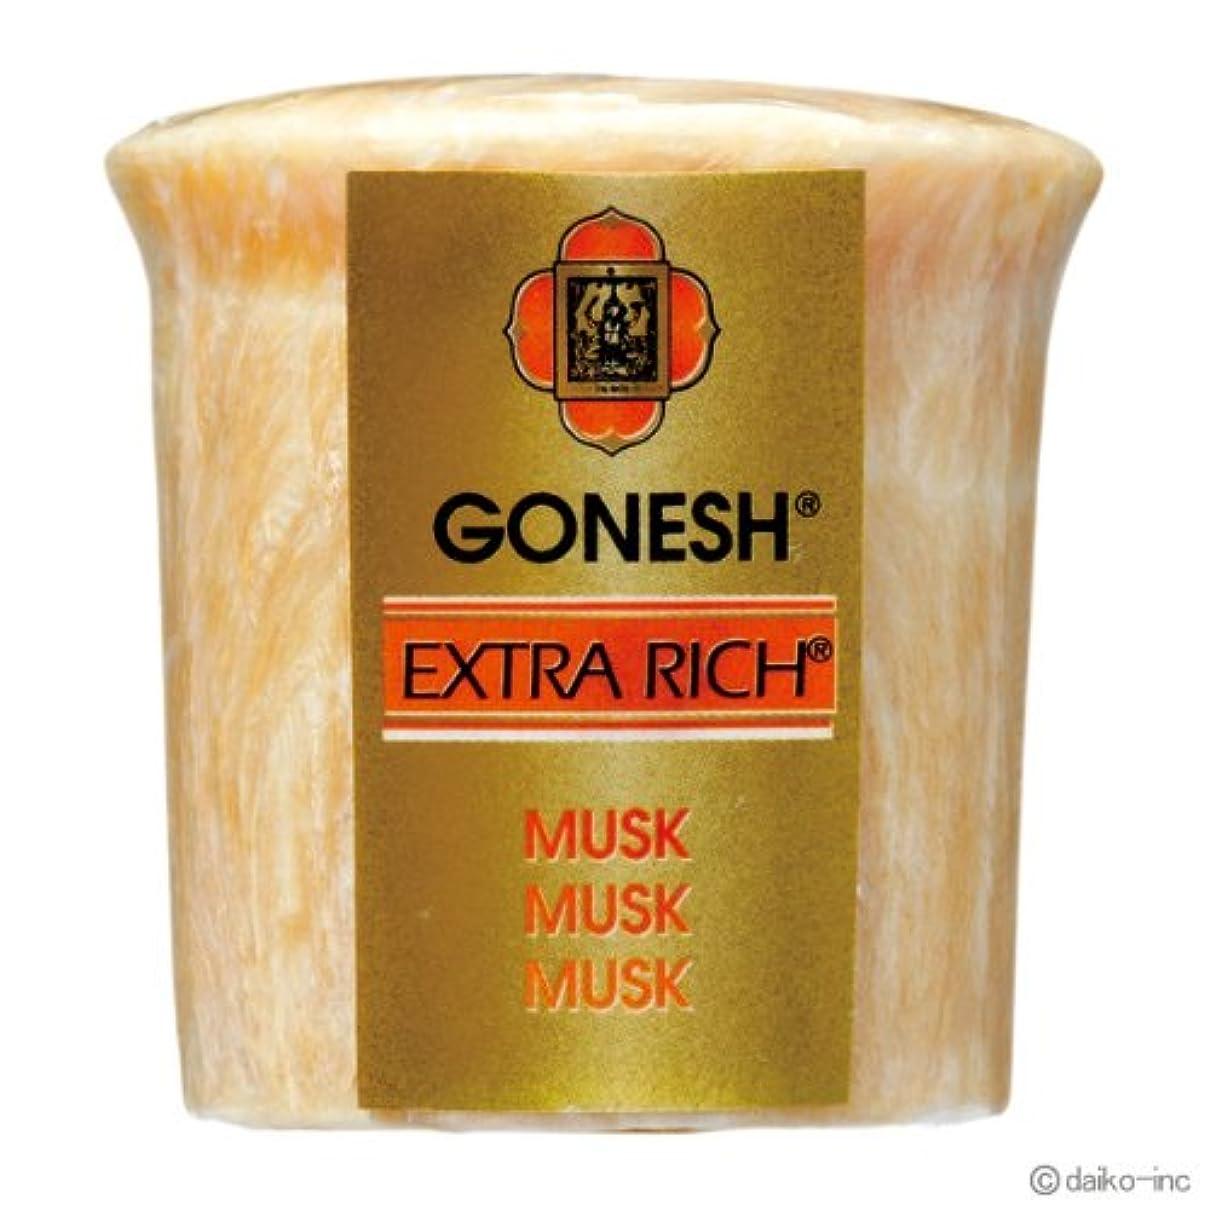 花瓶かもしれない触手ガーネッシュ GONESH エクストラリッチ ムスク アロマキャンドル 10個セット